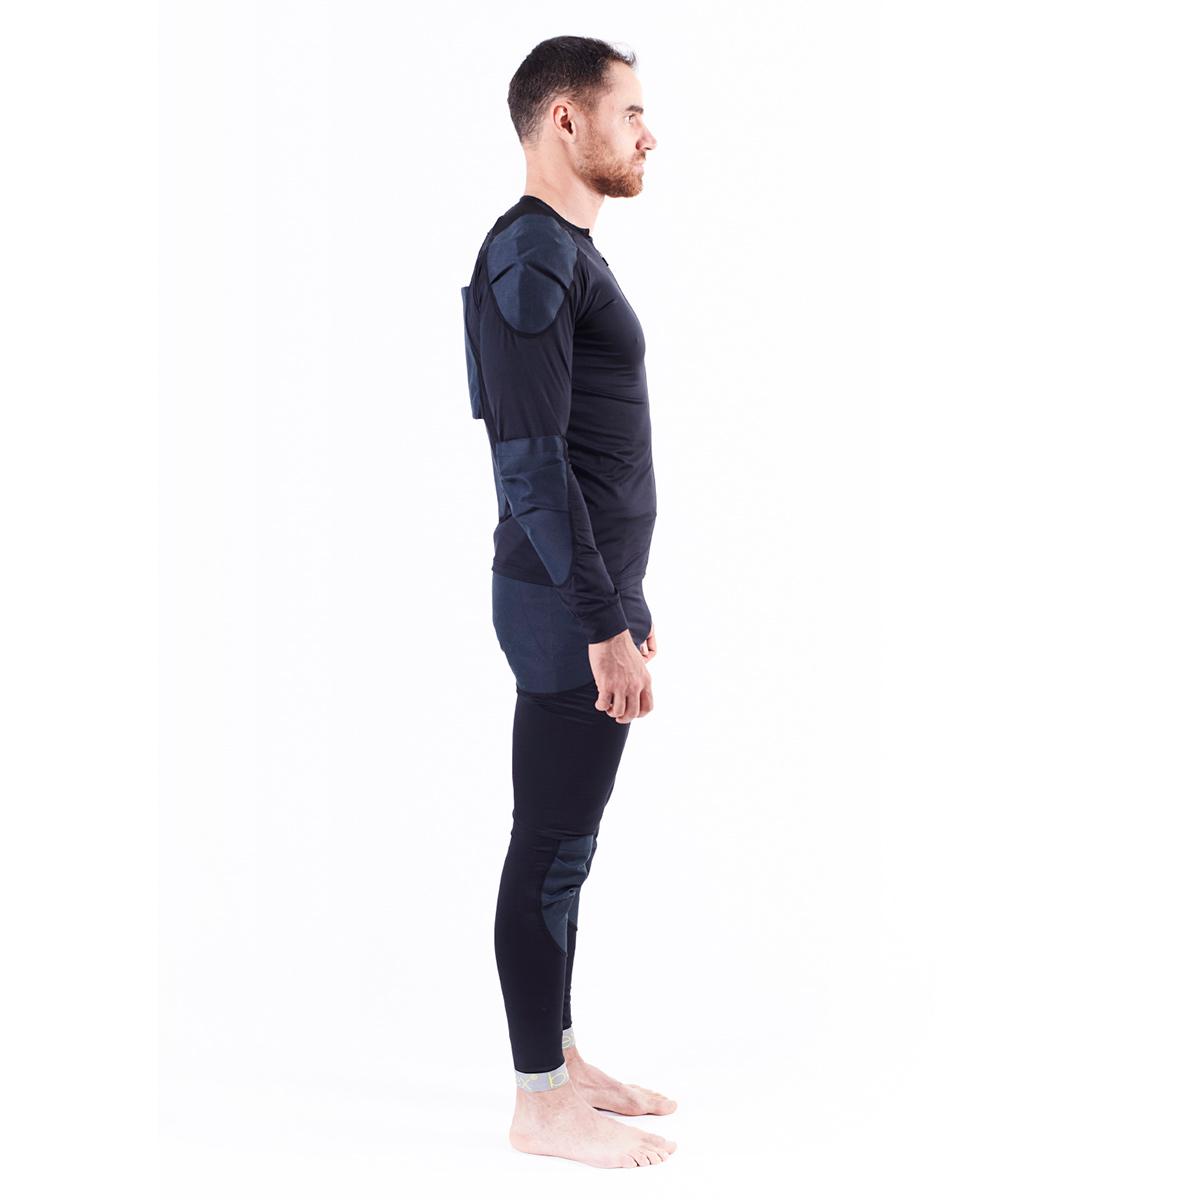 Bowtex Essential Shirt - Black